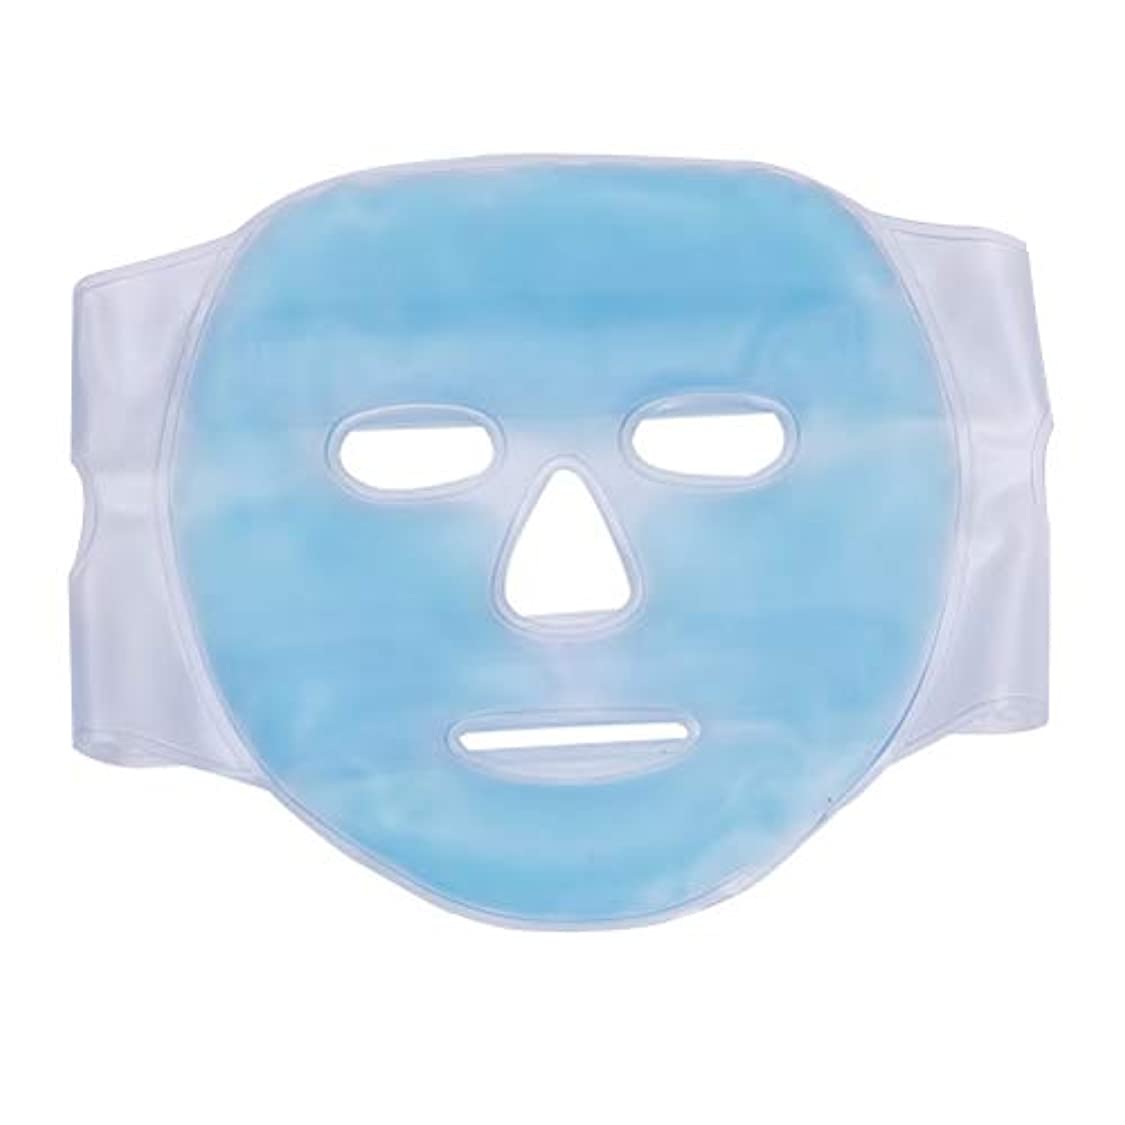 感情の悲しみアークHealifty Gelコールド&ホットコンプレッションフェイシャルPVCアイスマスクフェイス(腫れぼったい顔用)ふくらんでいる目ダークサークル(ブルー)